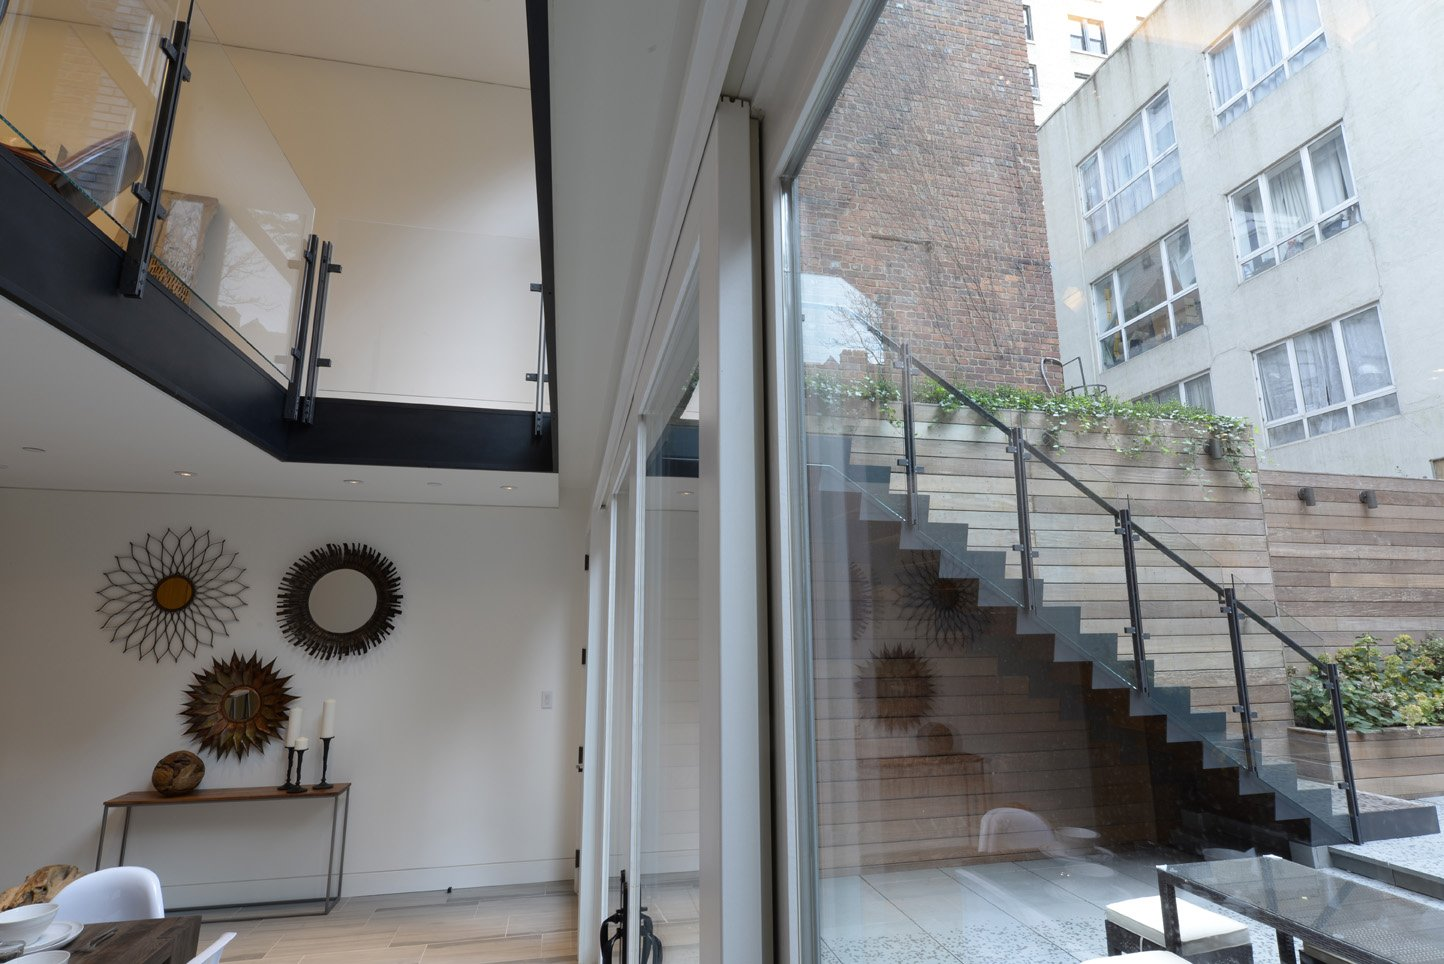 scale interne in ferro naturale al carbonio e gradini in rovere spazzolato e oliato dal design essenziale e ricercato al tempo stesso.